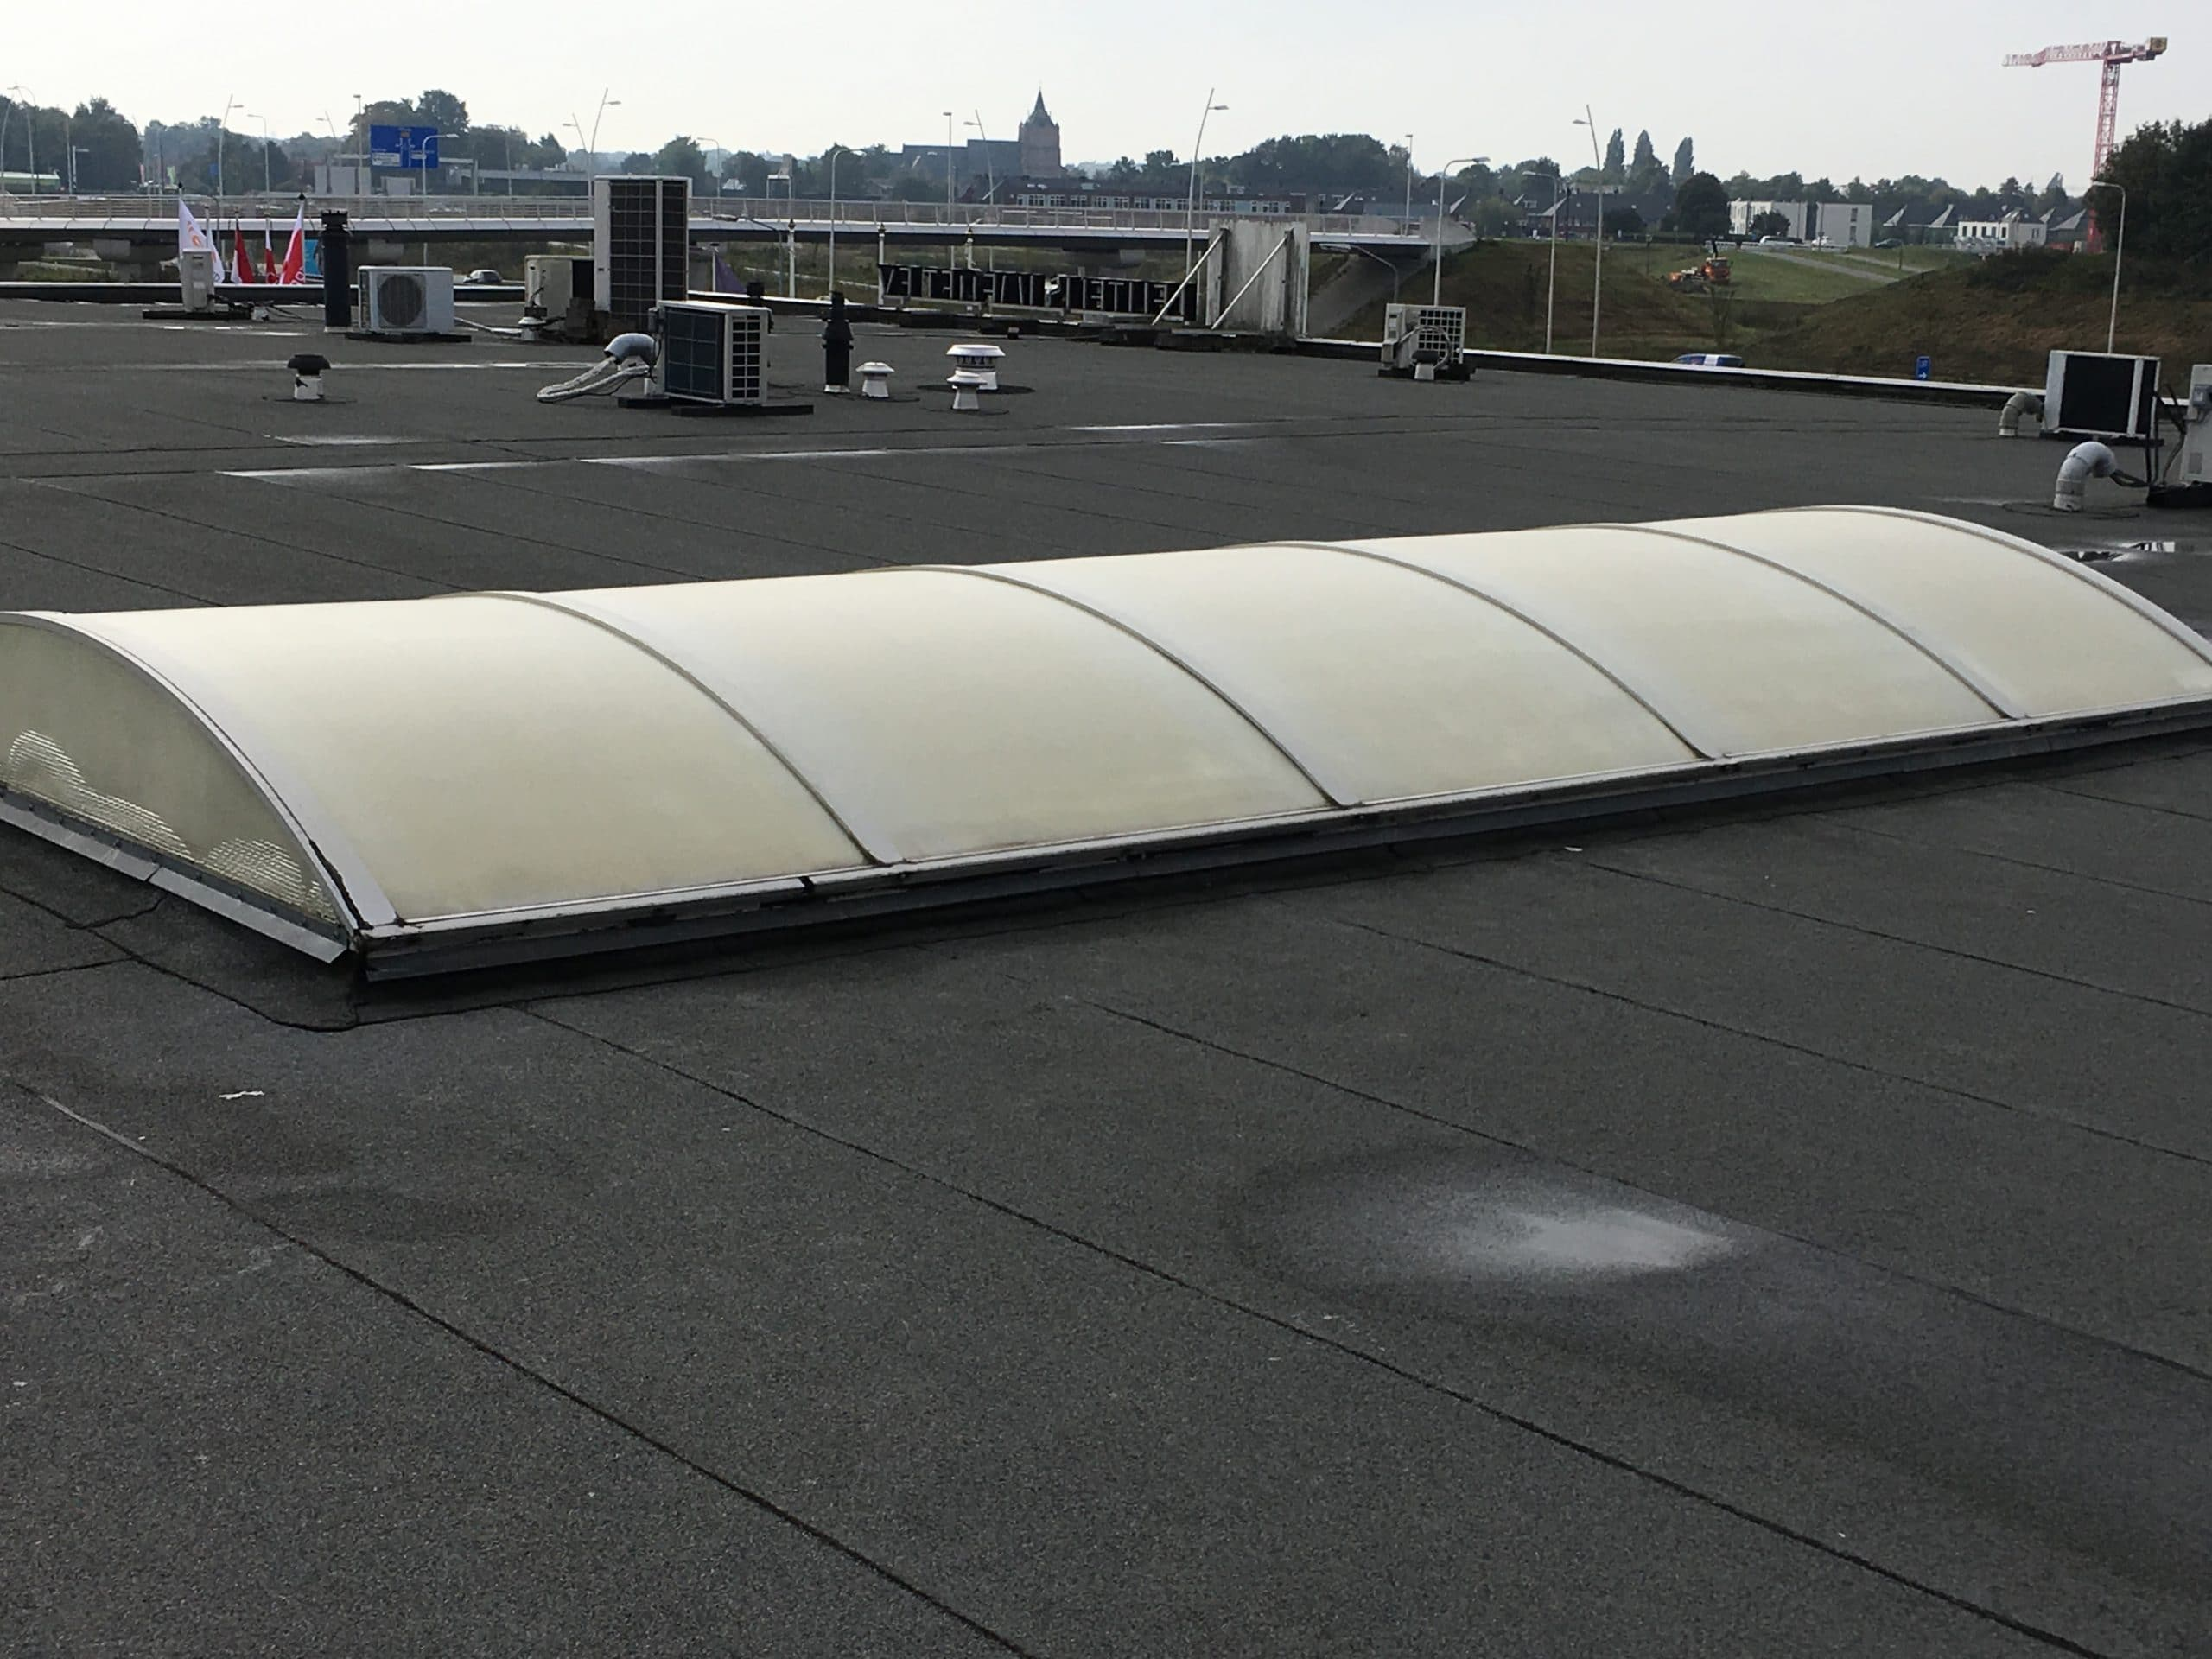 Door het aanbrengen van Sunblock zonnewarmte werende coating op kunststof lichtstraten kan de zonnewarmte wering tot 55% gereduceerd worden. Toepasbaar op kunststof, draadglas of glas